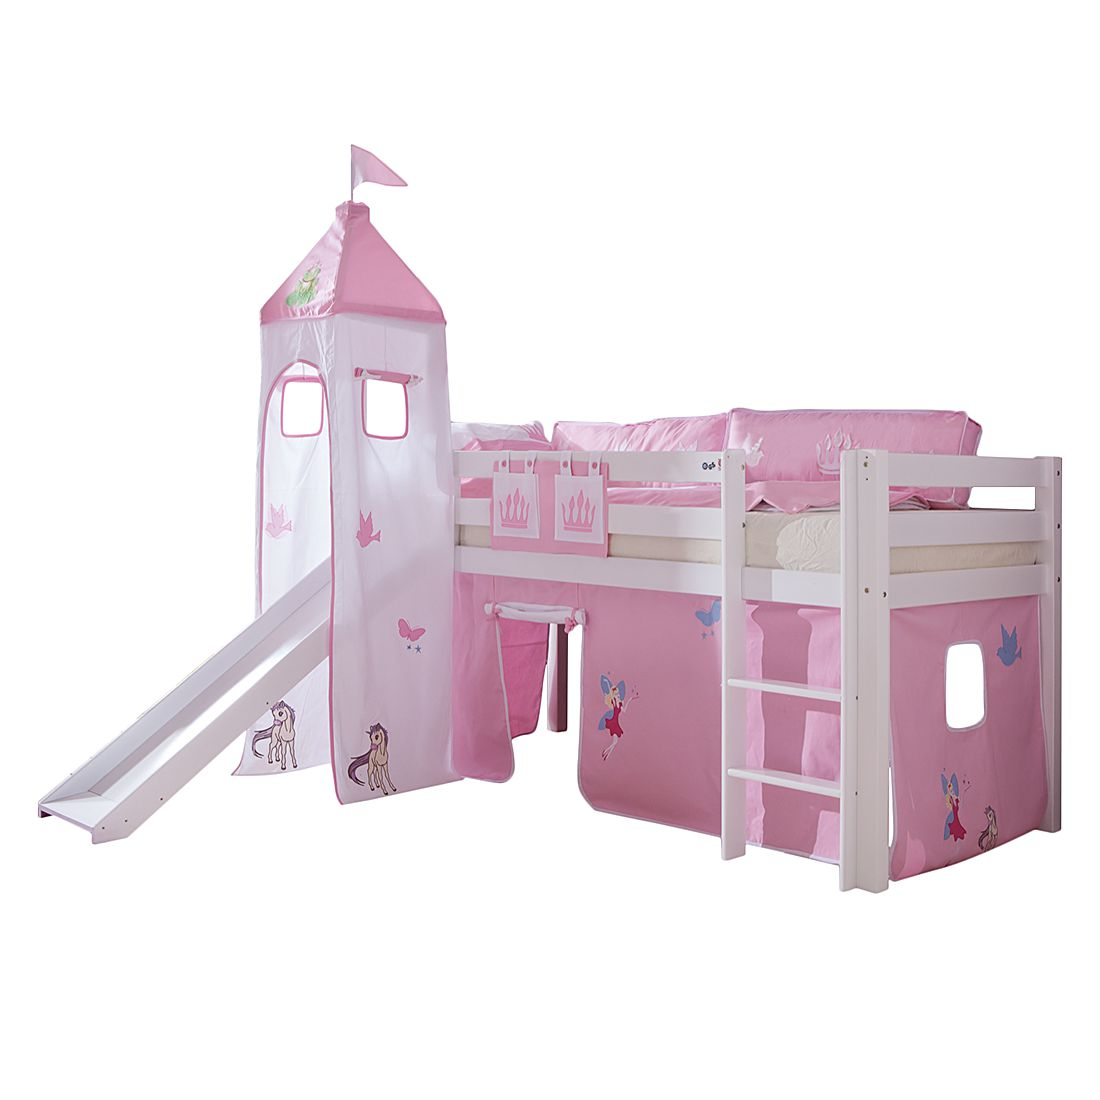 Spielbett Alex - mit Rutsche, Vorhang, Turm und Tasche - Buche weiß/Textil Princess, Relita